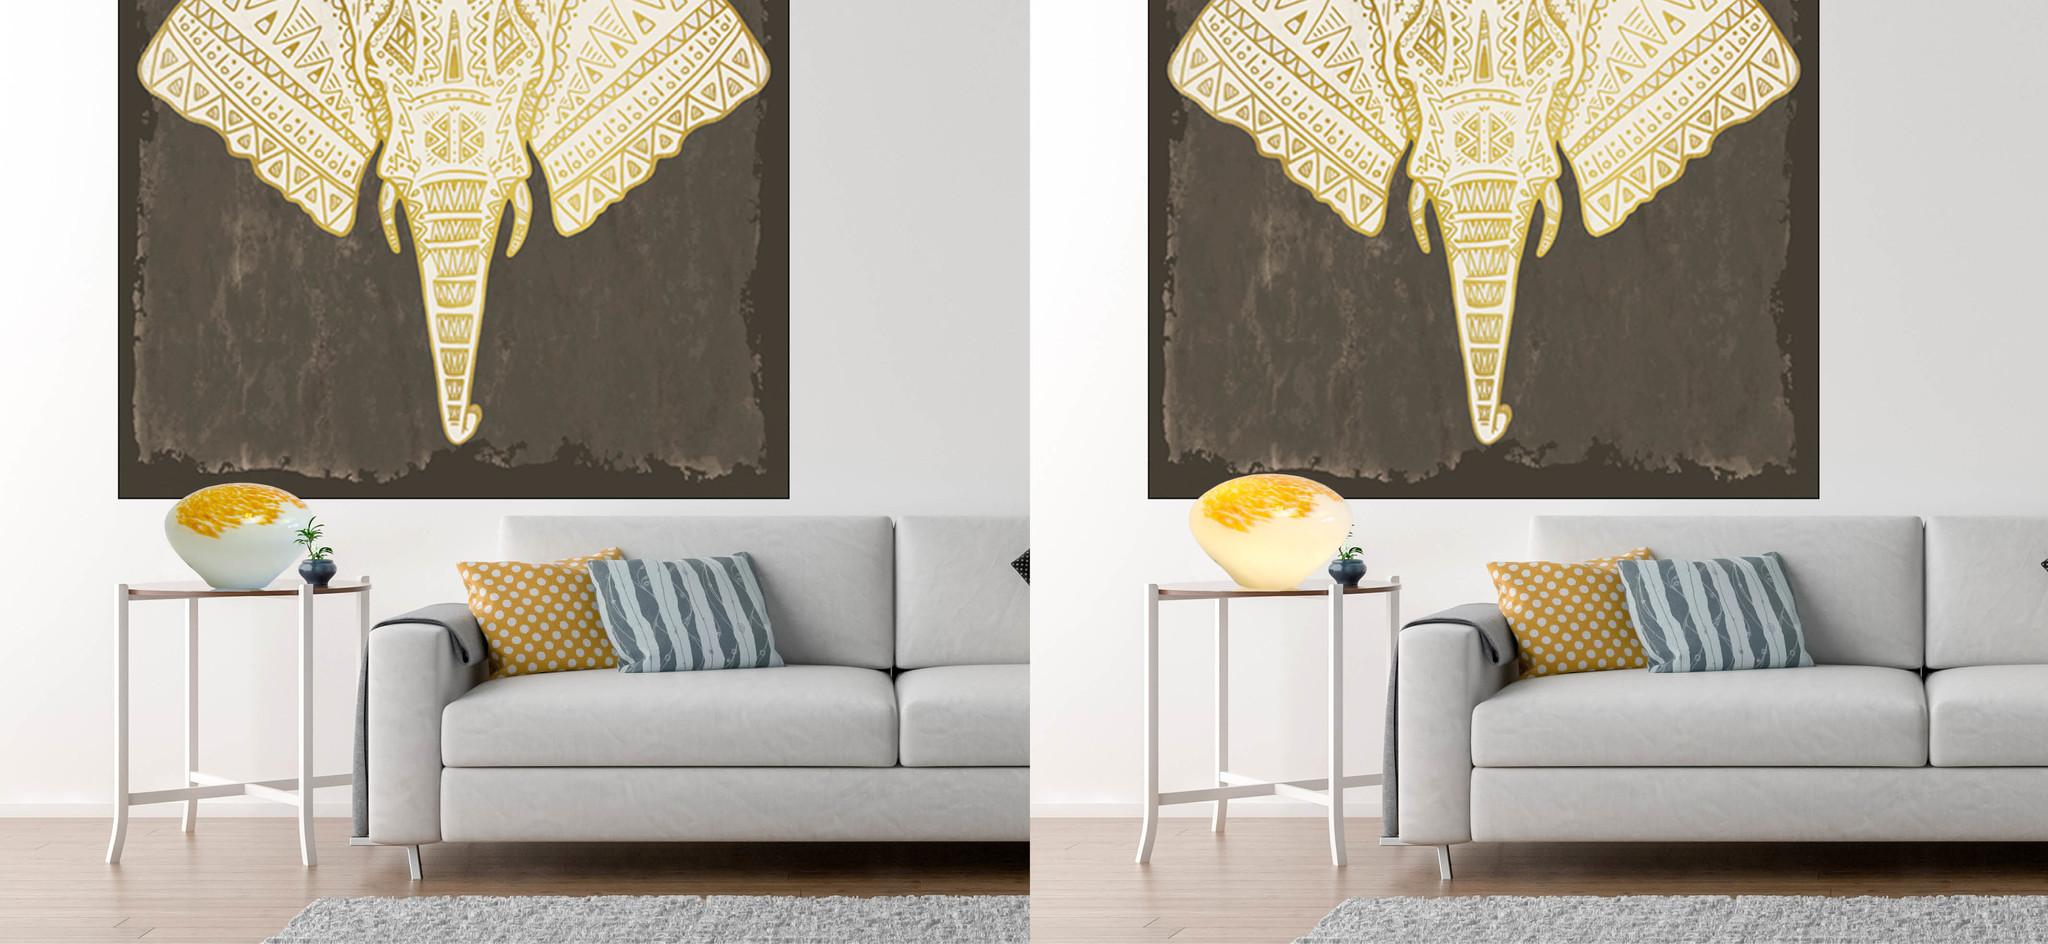 Kristal design lamp